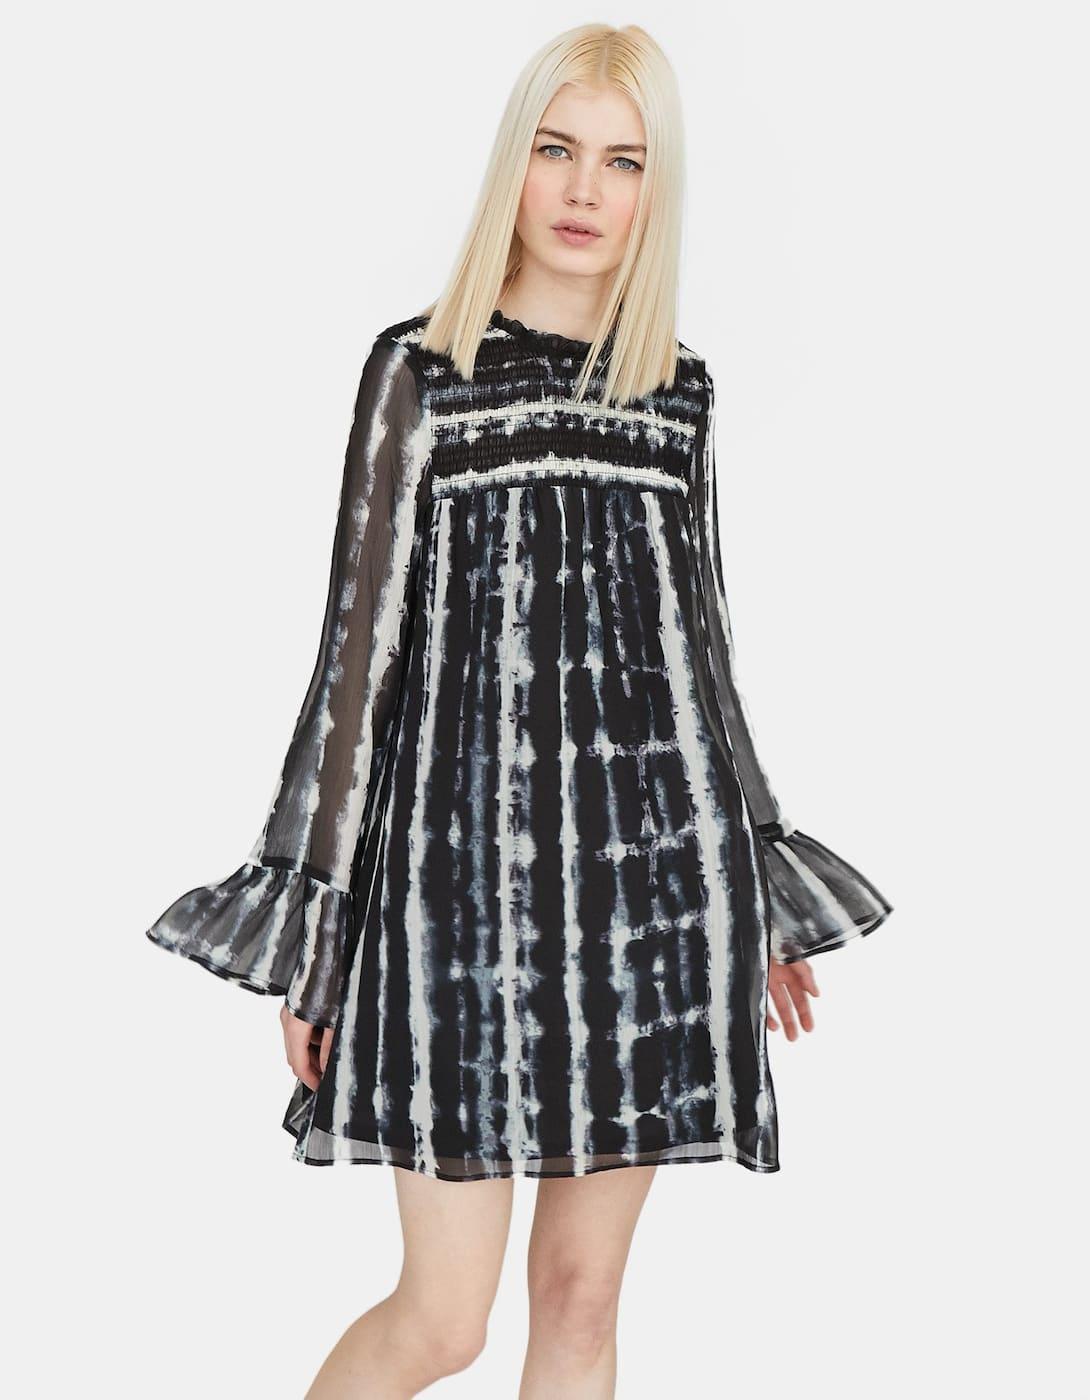 18a3ba9cb8d 10 φορέματα για κάθε γούστο που είναι ιδανικά για την γιορτή του ...